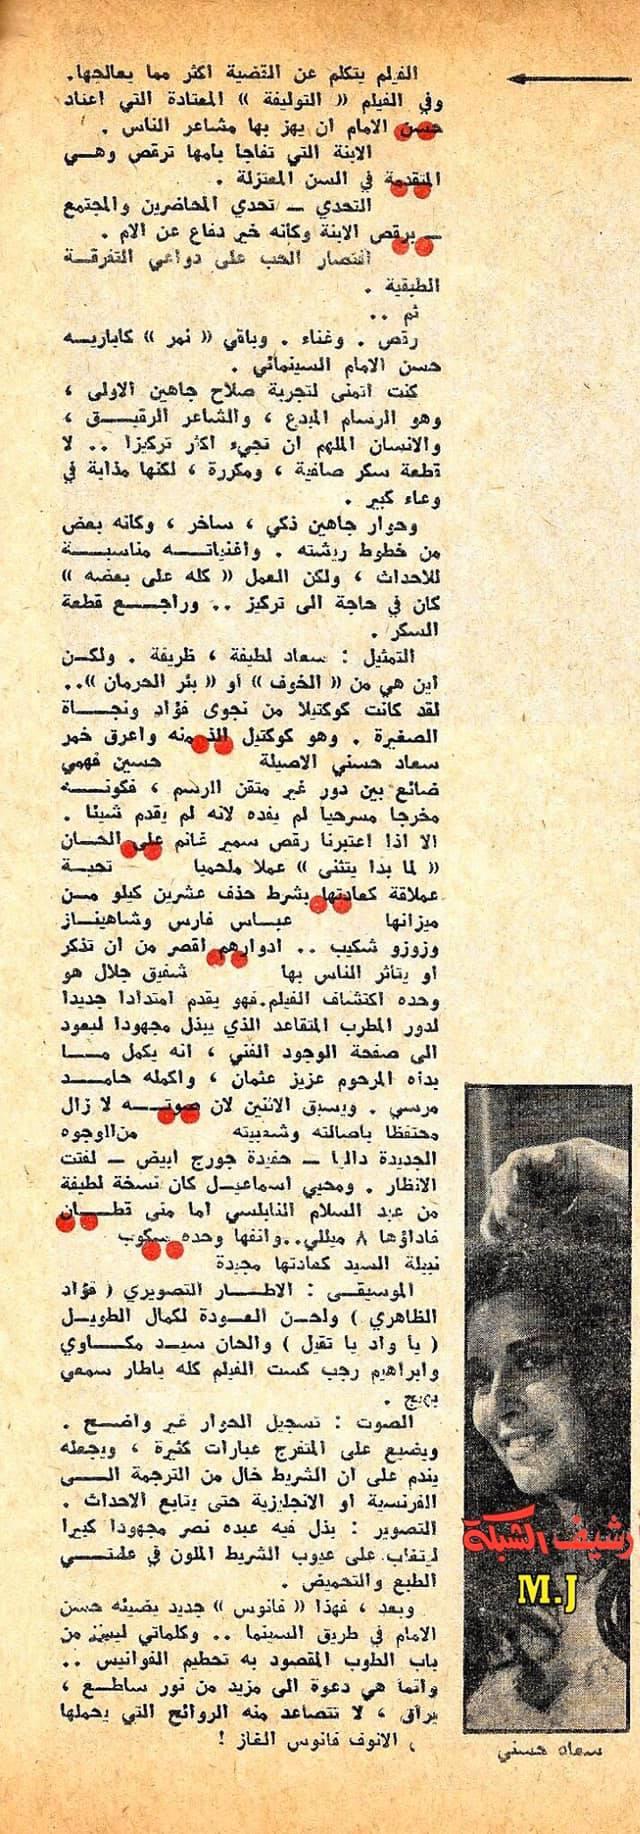 نقد صحفي : حسن الامام .. وعقدة .. العشرة بلدي .. 1972 م 3233